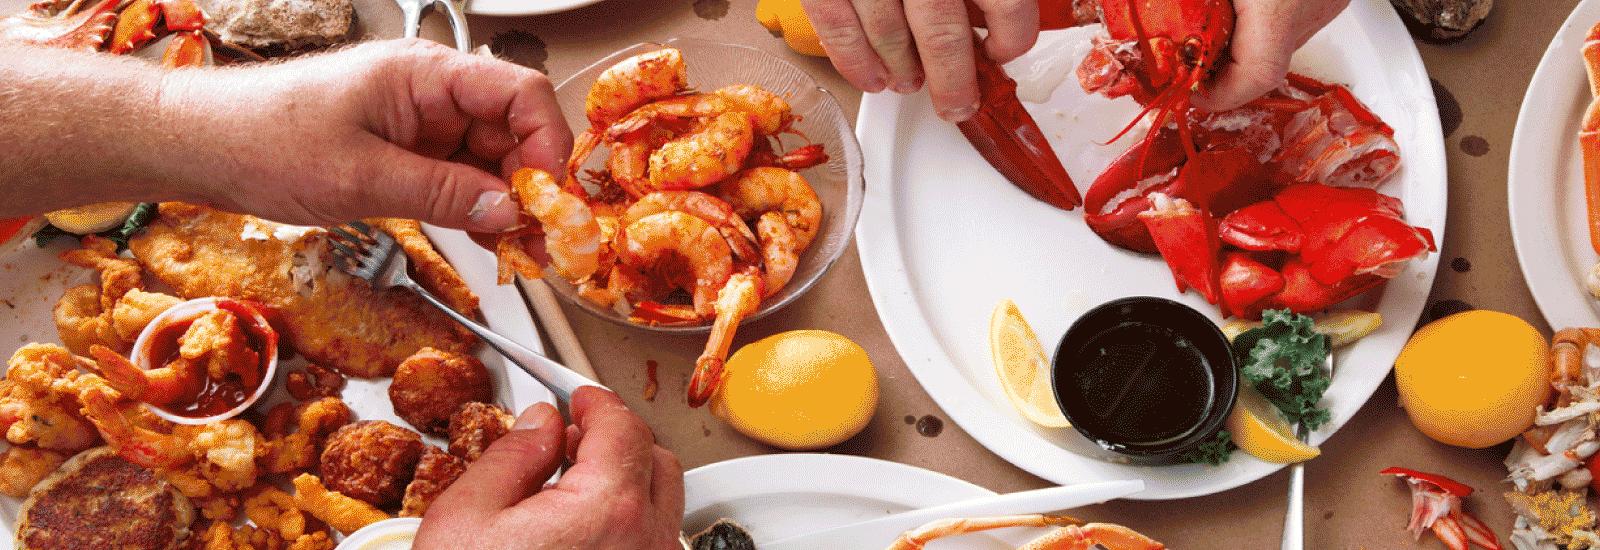 Sumter Restaurants